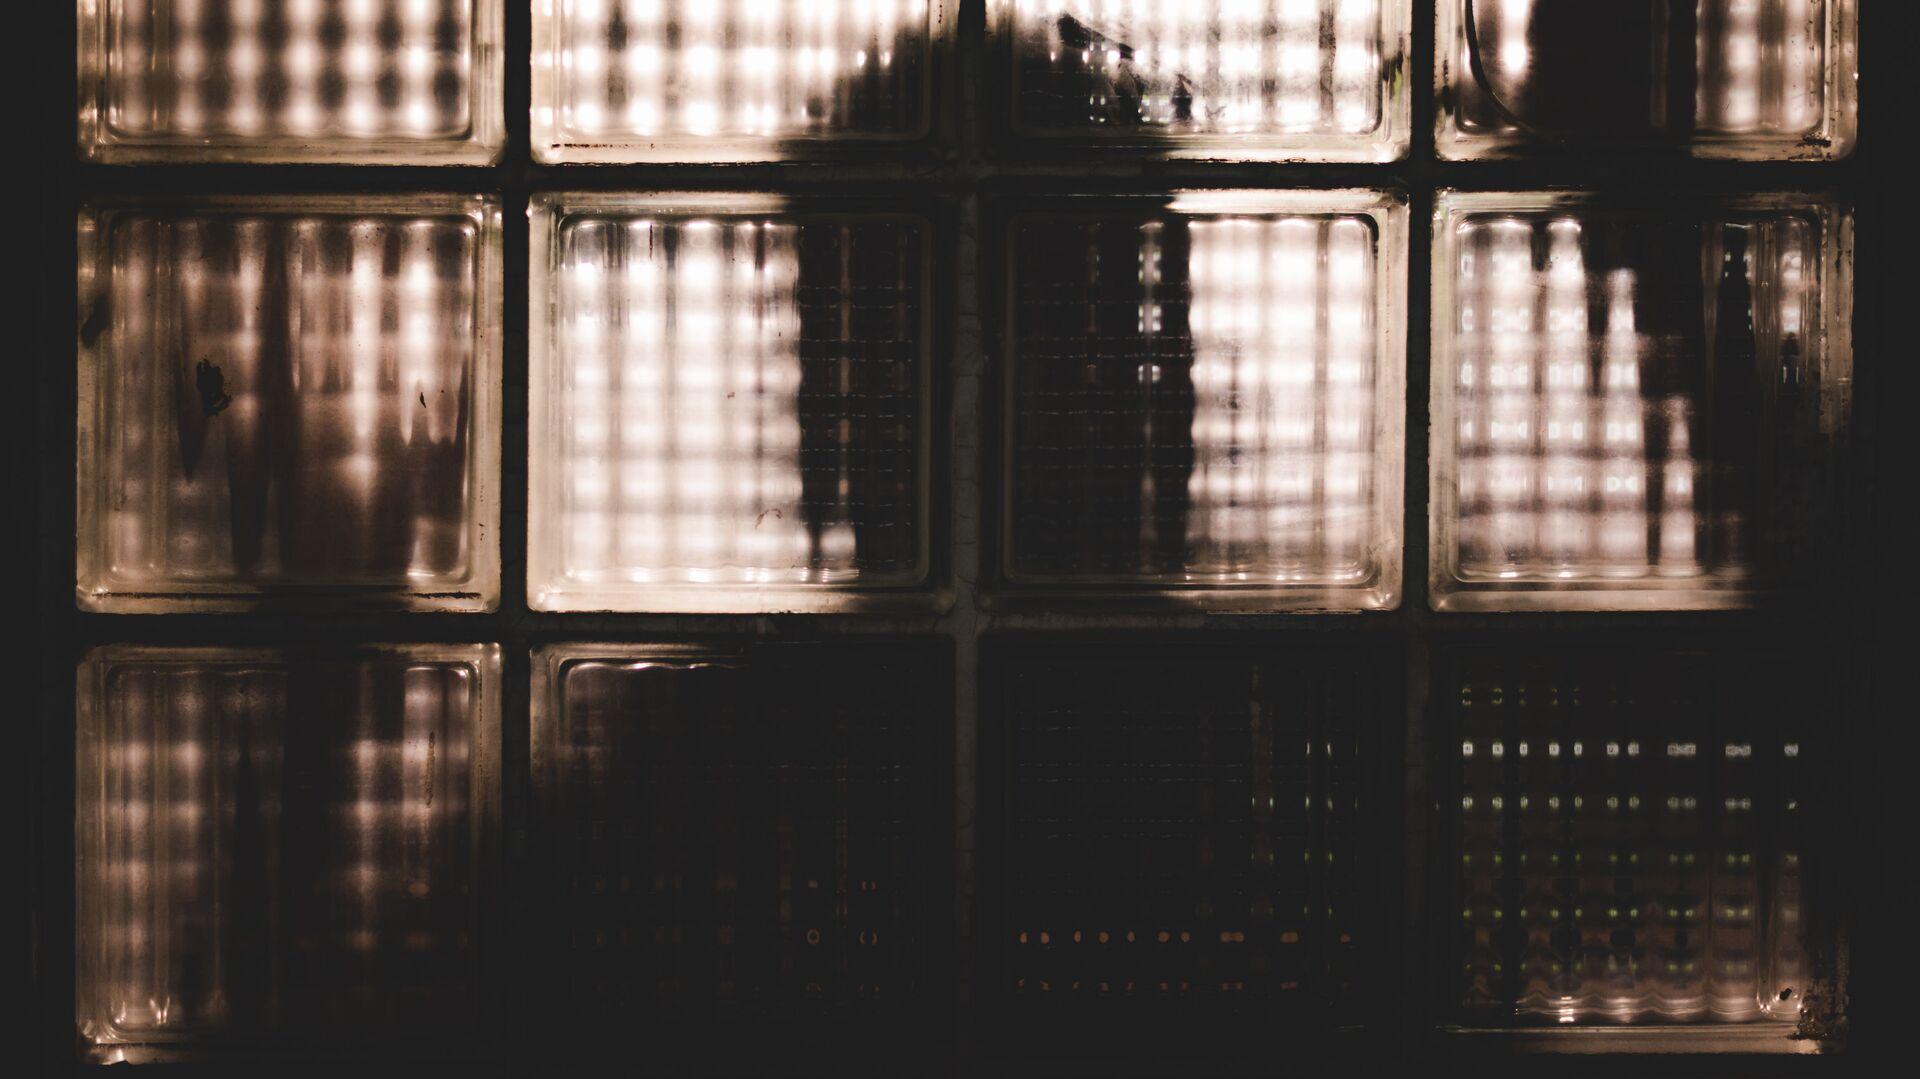 Силуэт человека за стеклянными блоками - РИА Новости, 1920, 24.03.2021